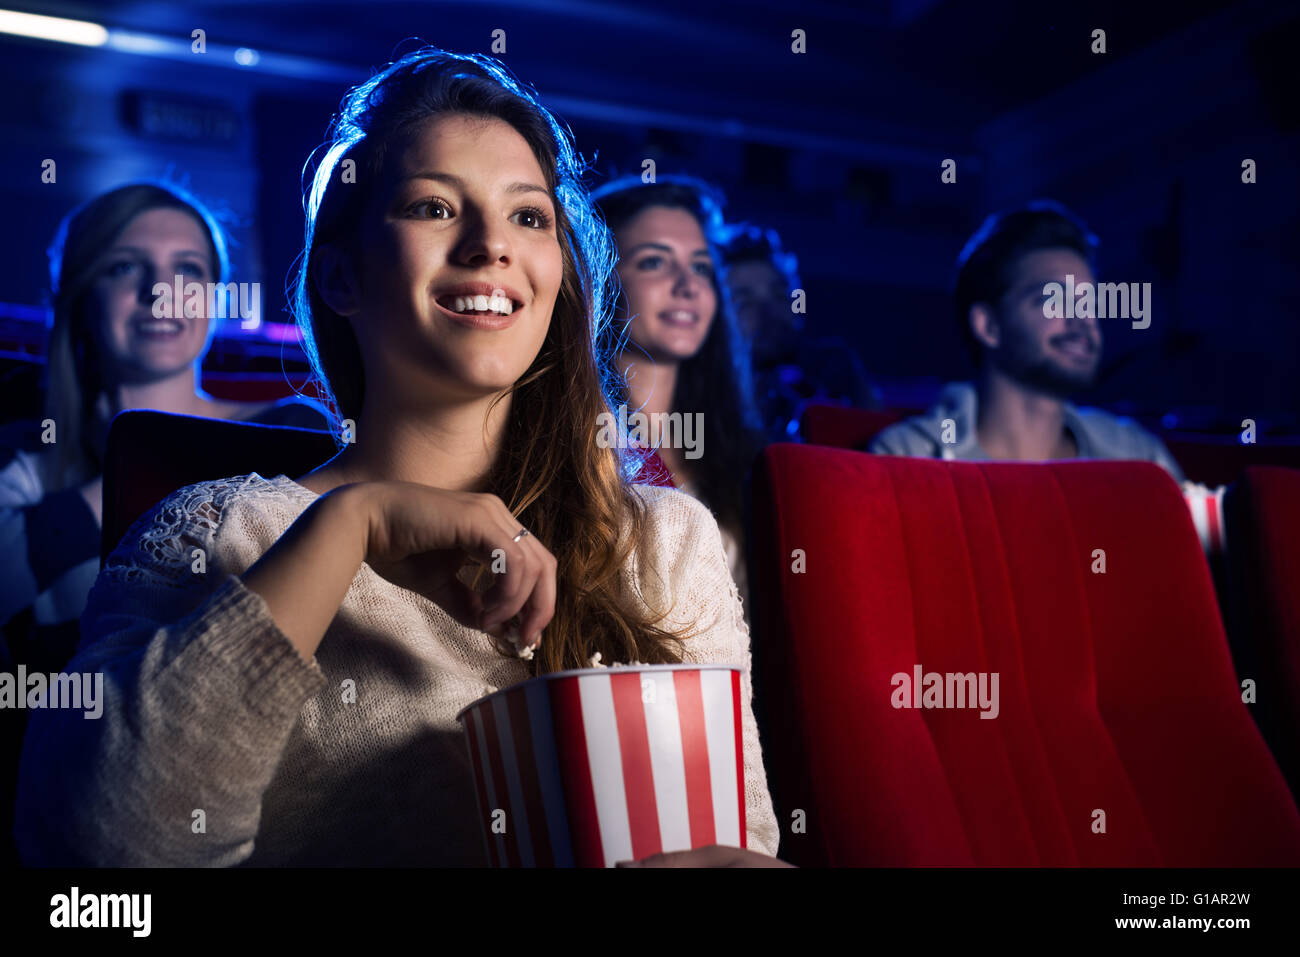 Junge lächelnde Frau einen Film im Kino und Essen Popcorn, Unterhaltung und Kino-Konzept Stockbild